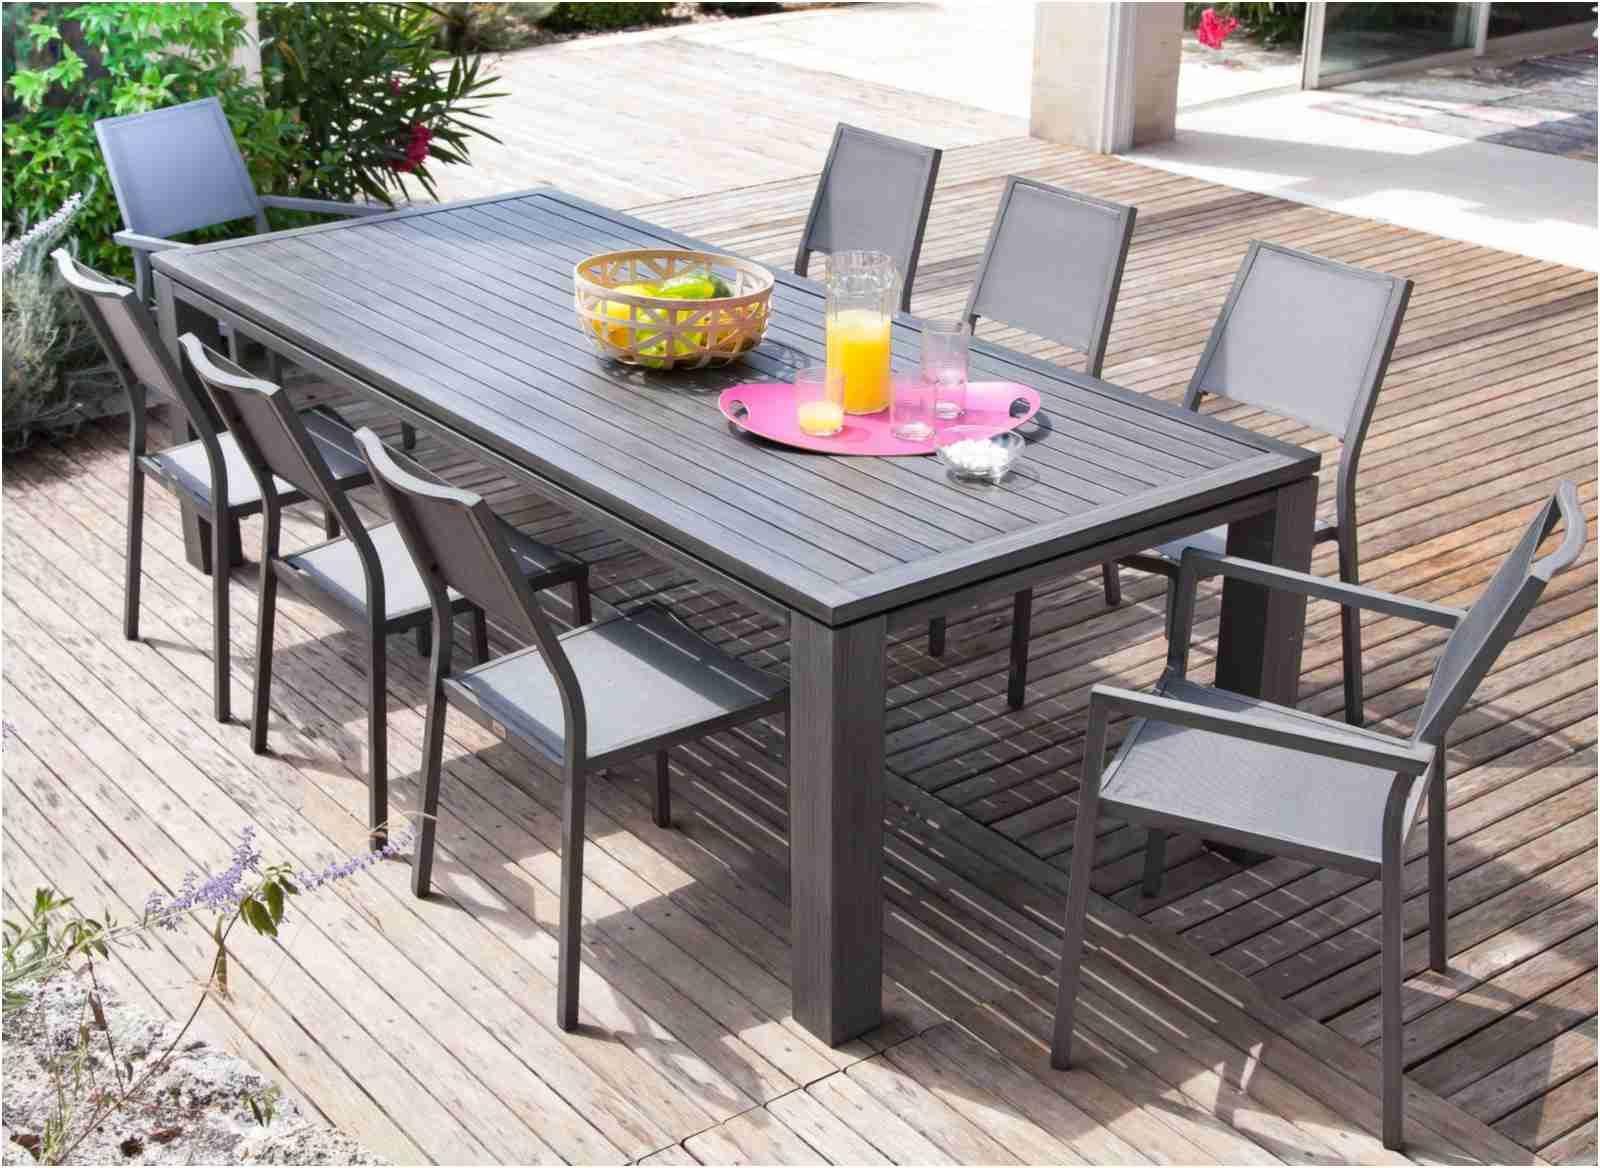 Salon De Jardin Avec Grande Table Promotion Proloisirs Dedans Table De Jardin Promo In 2020 Outdoor Furniture Sets Outdoor Furniture Outdoor Tables